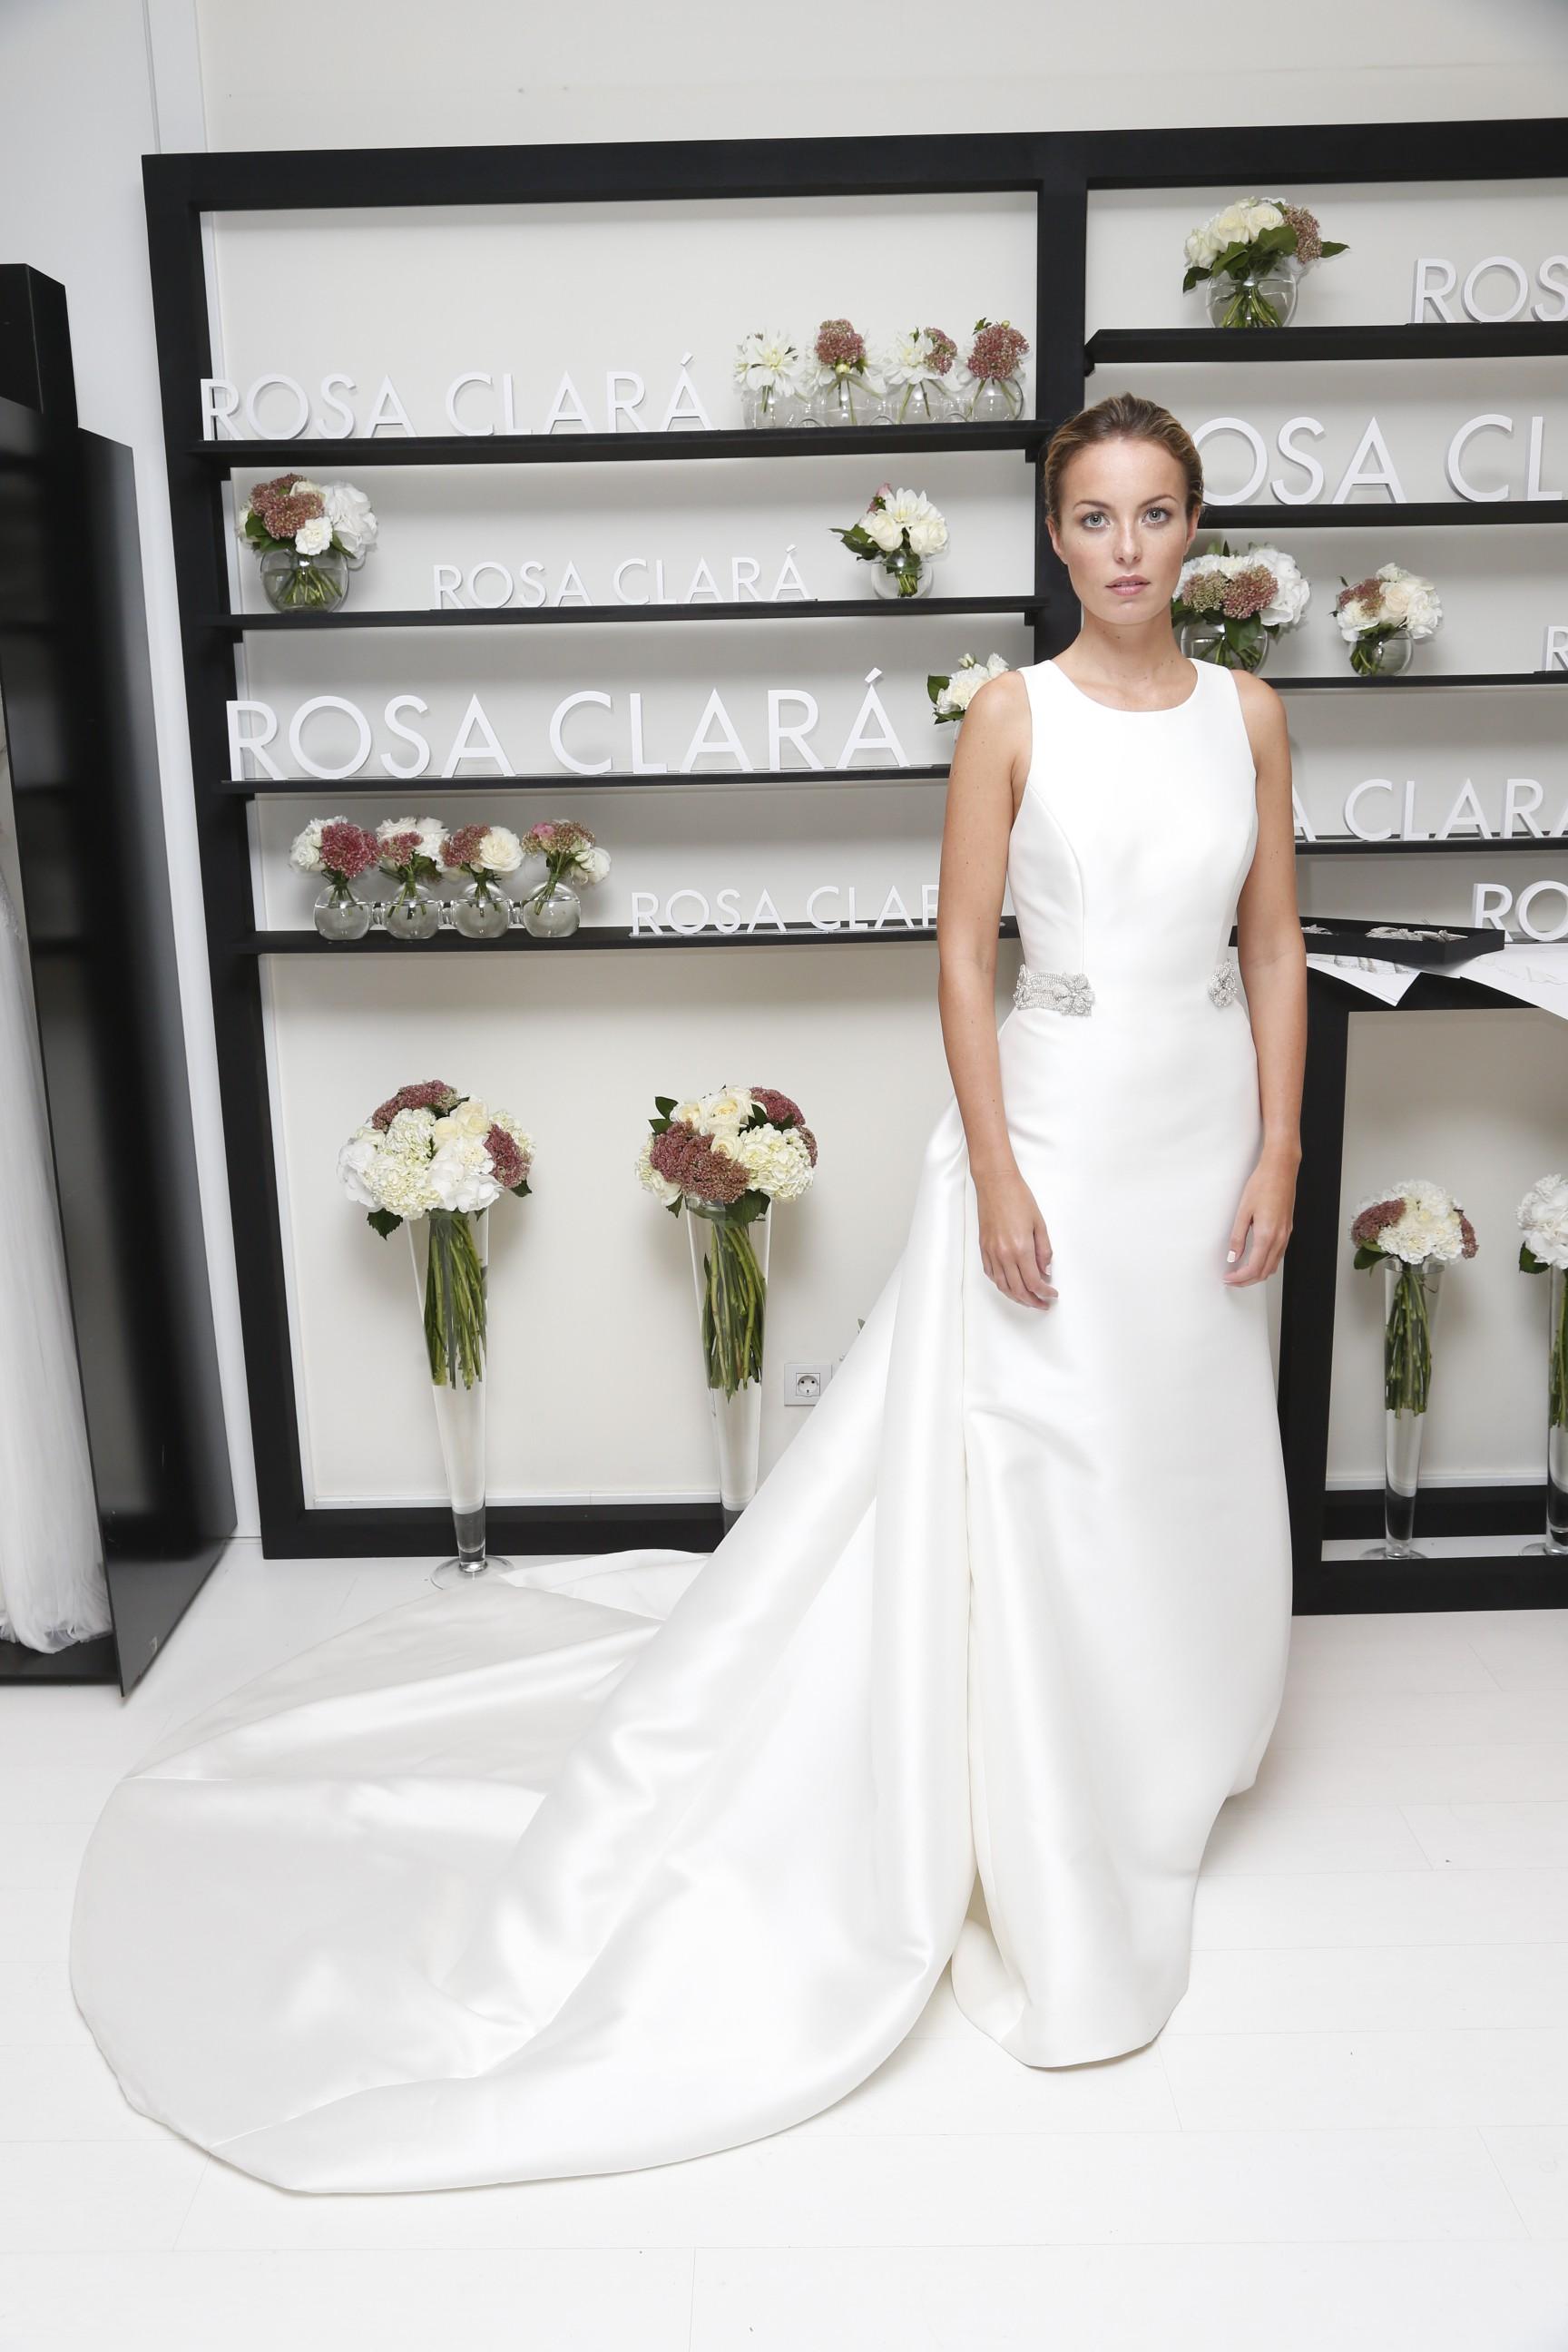 Rosa Clará 2015 Crimenes de la Moda